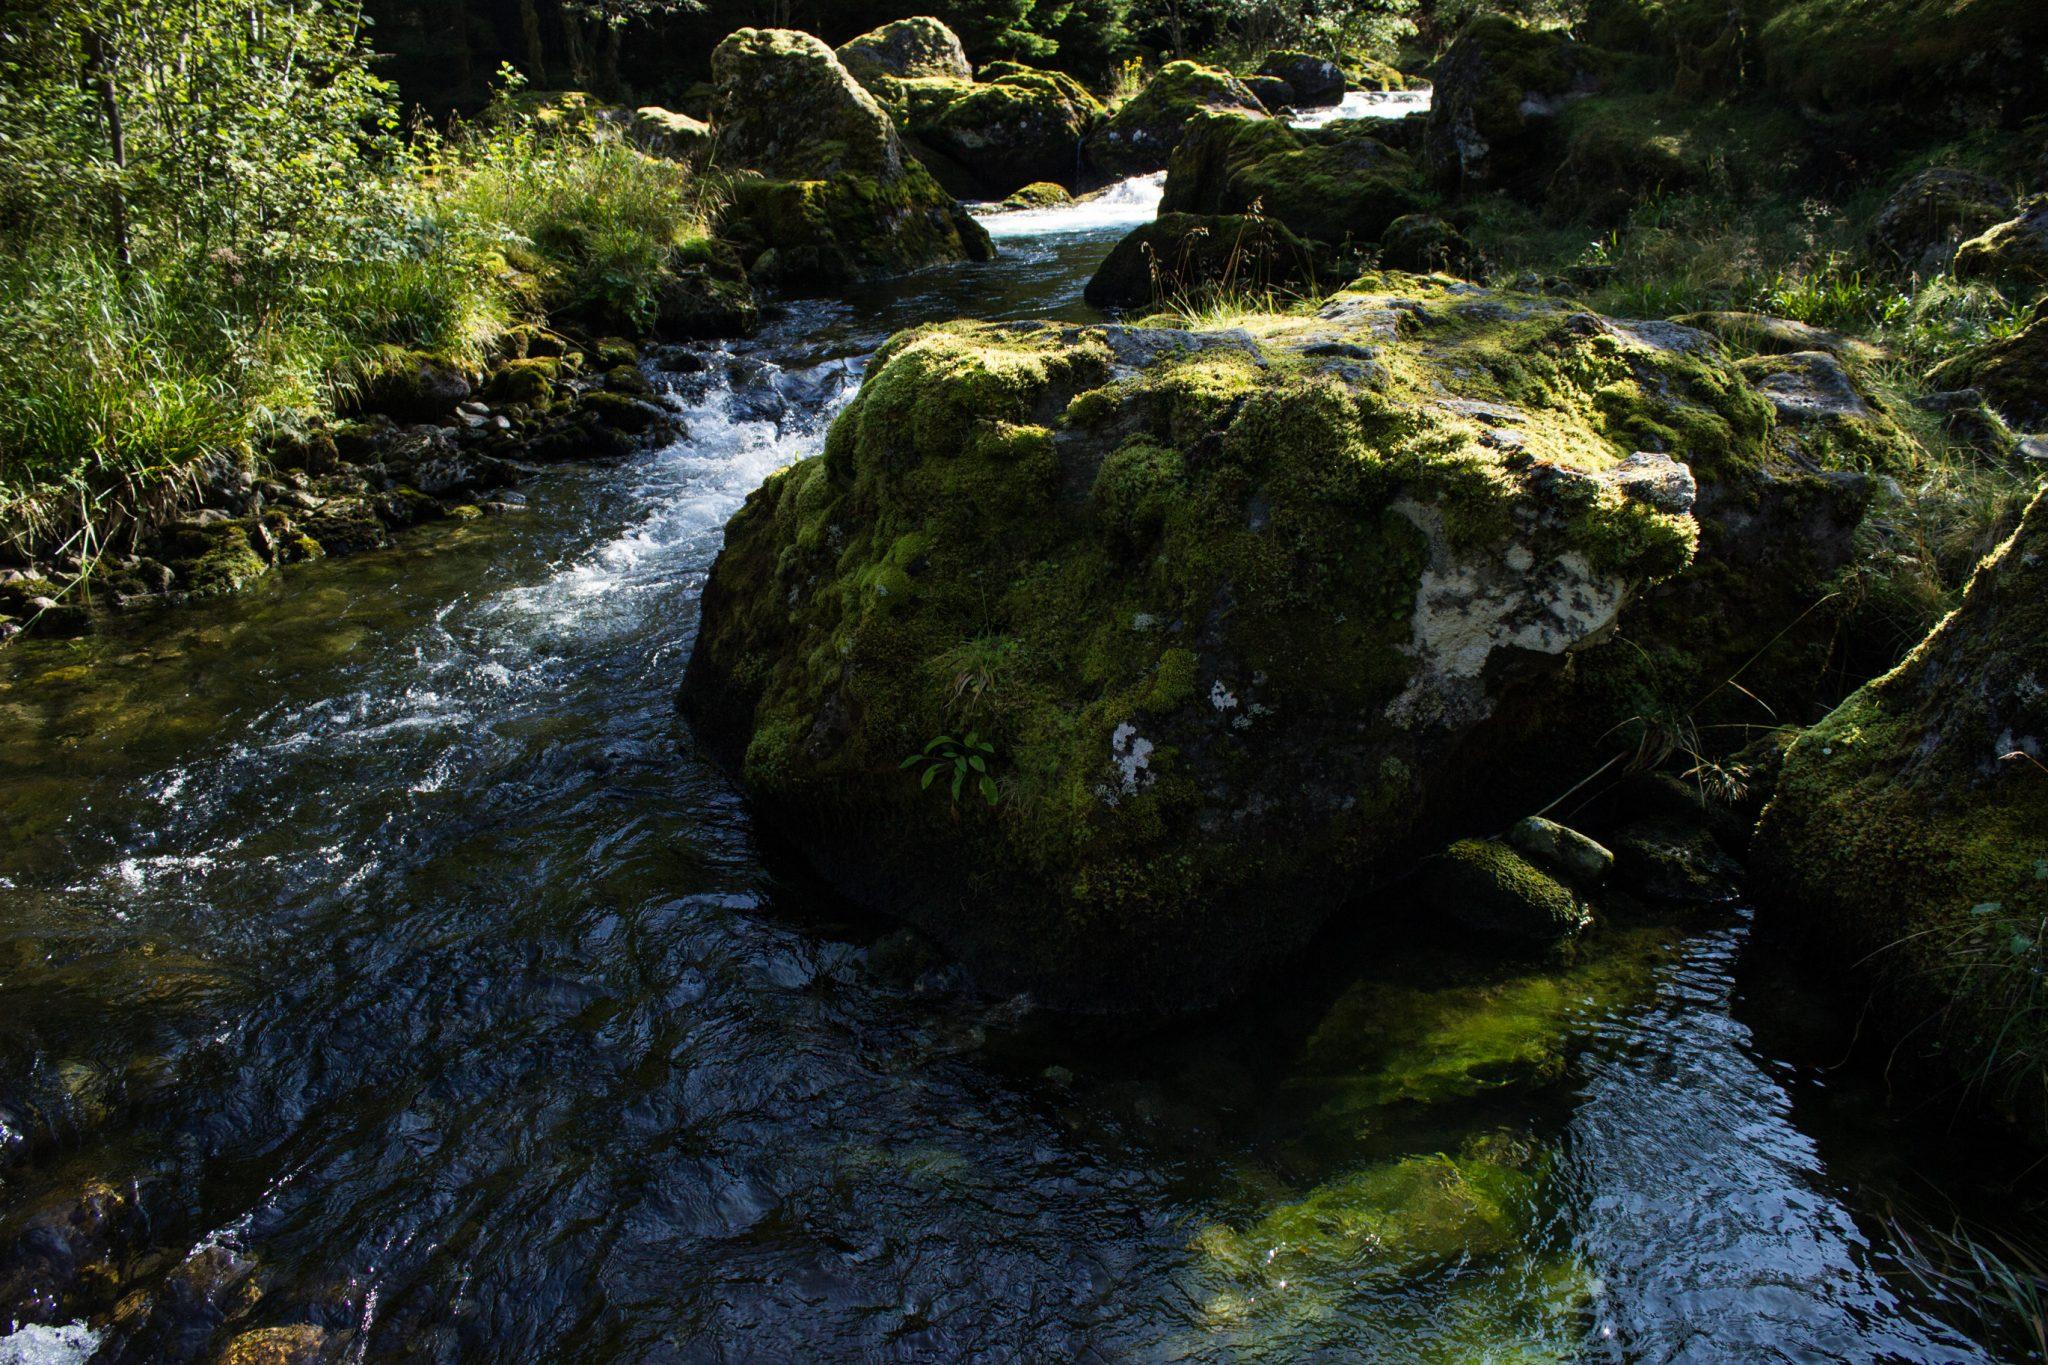 Wanderung vom Ort Sundal bis zum Gletscher Bondhusbreen im Folgefonna Nationalpark, kristallklares Wasser im Fluß, mit Moos bewachsene Steine